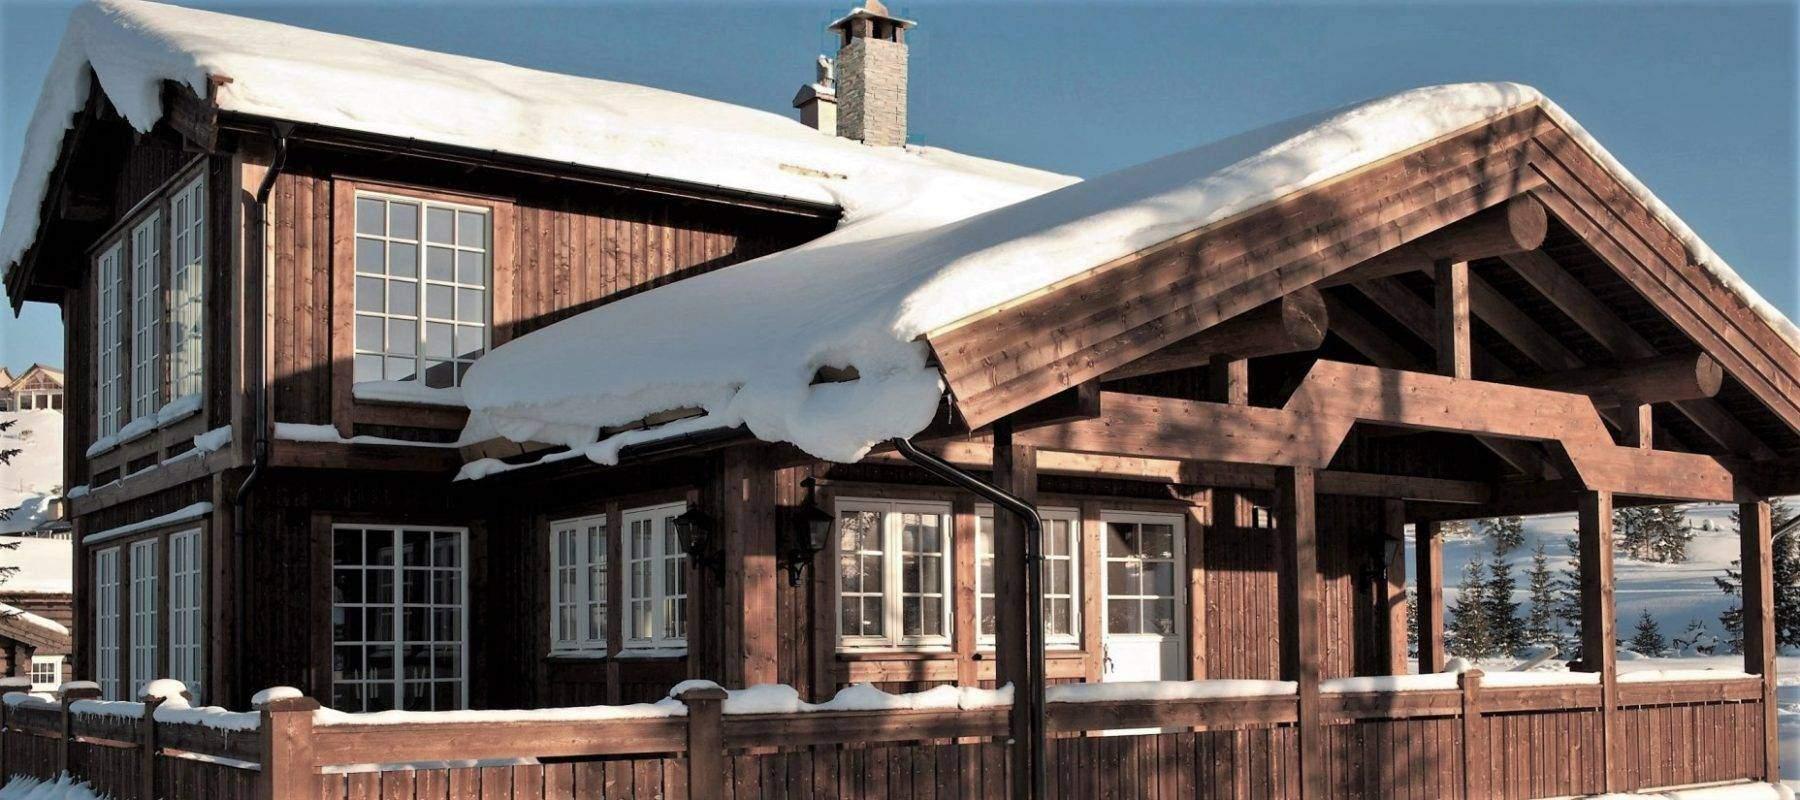 3750 Hytteleverandær hytte Hafjell 138 på Mosetertoppen